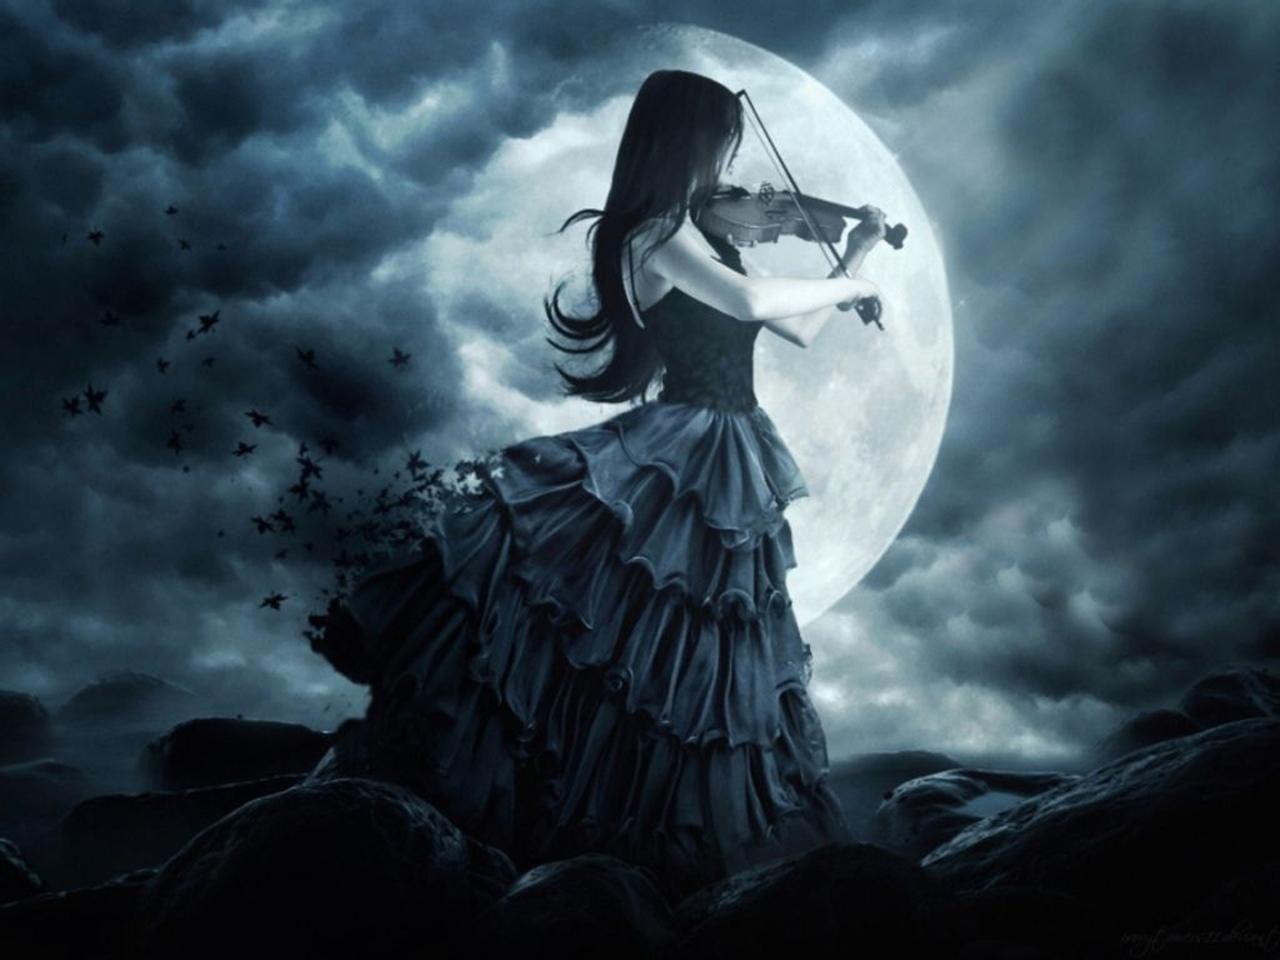 Ảnh mặt trăng và cô gái đẹp nhất